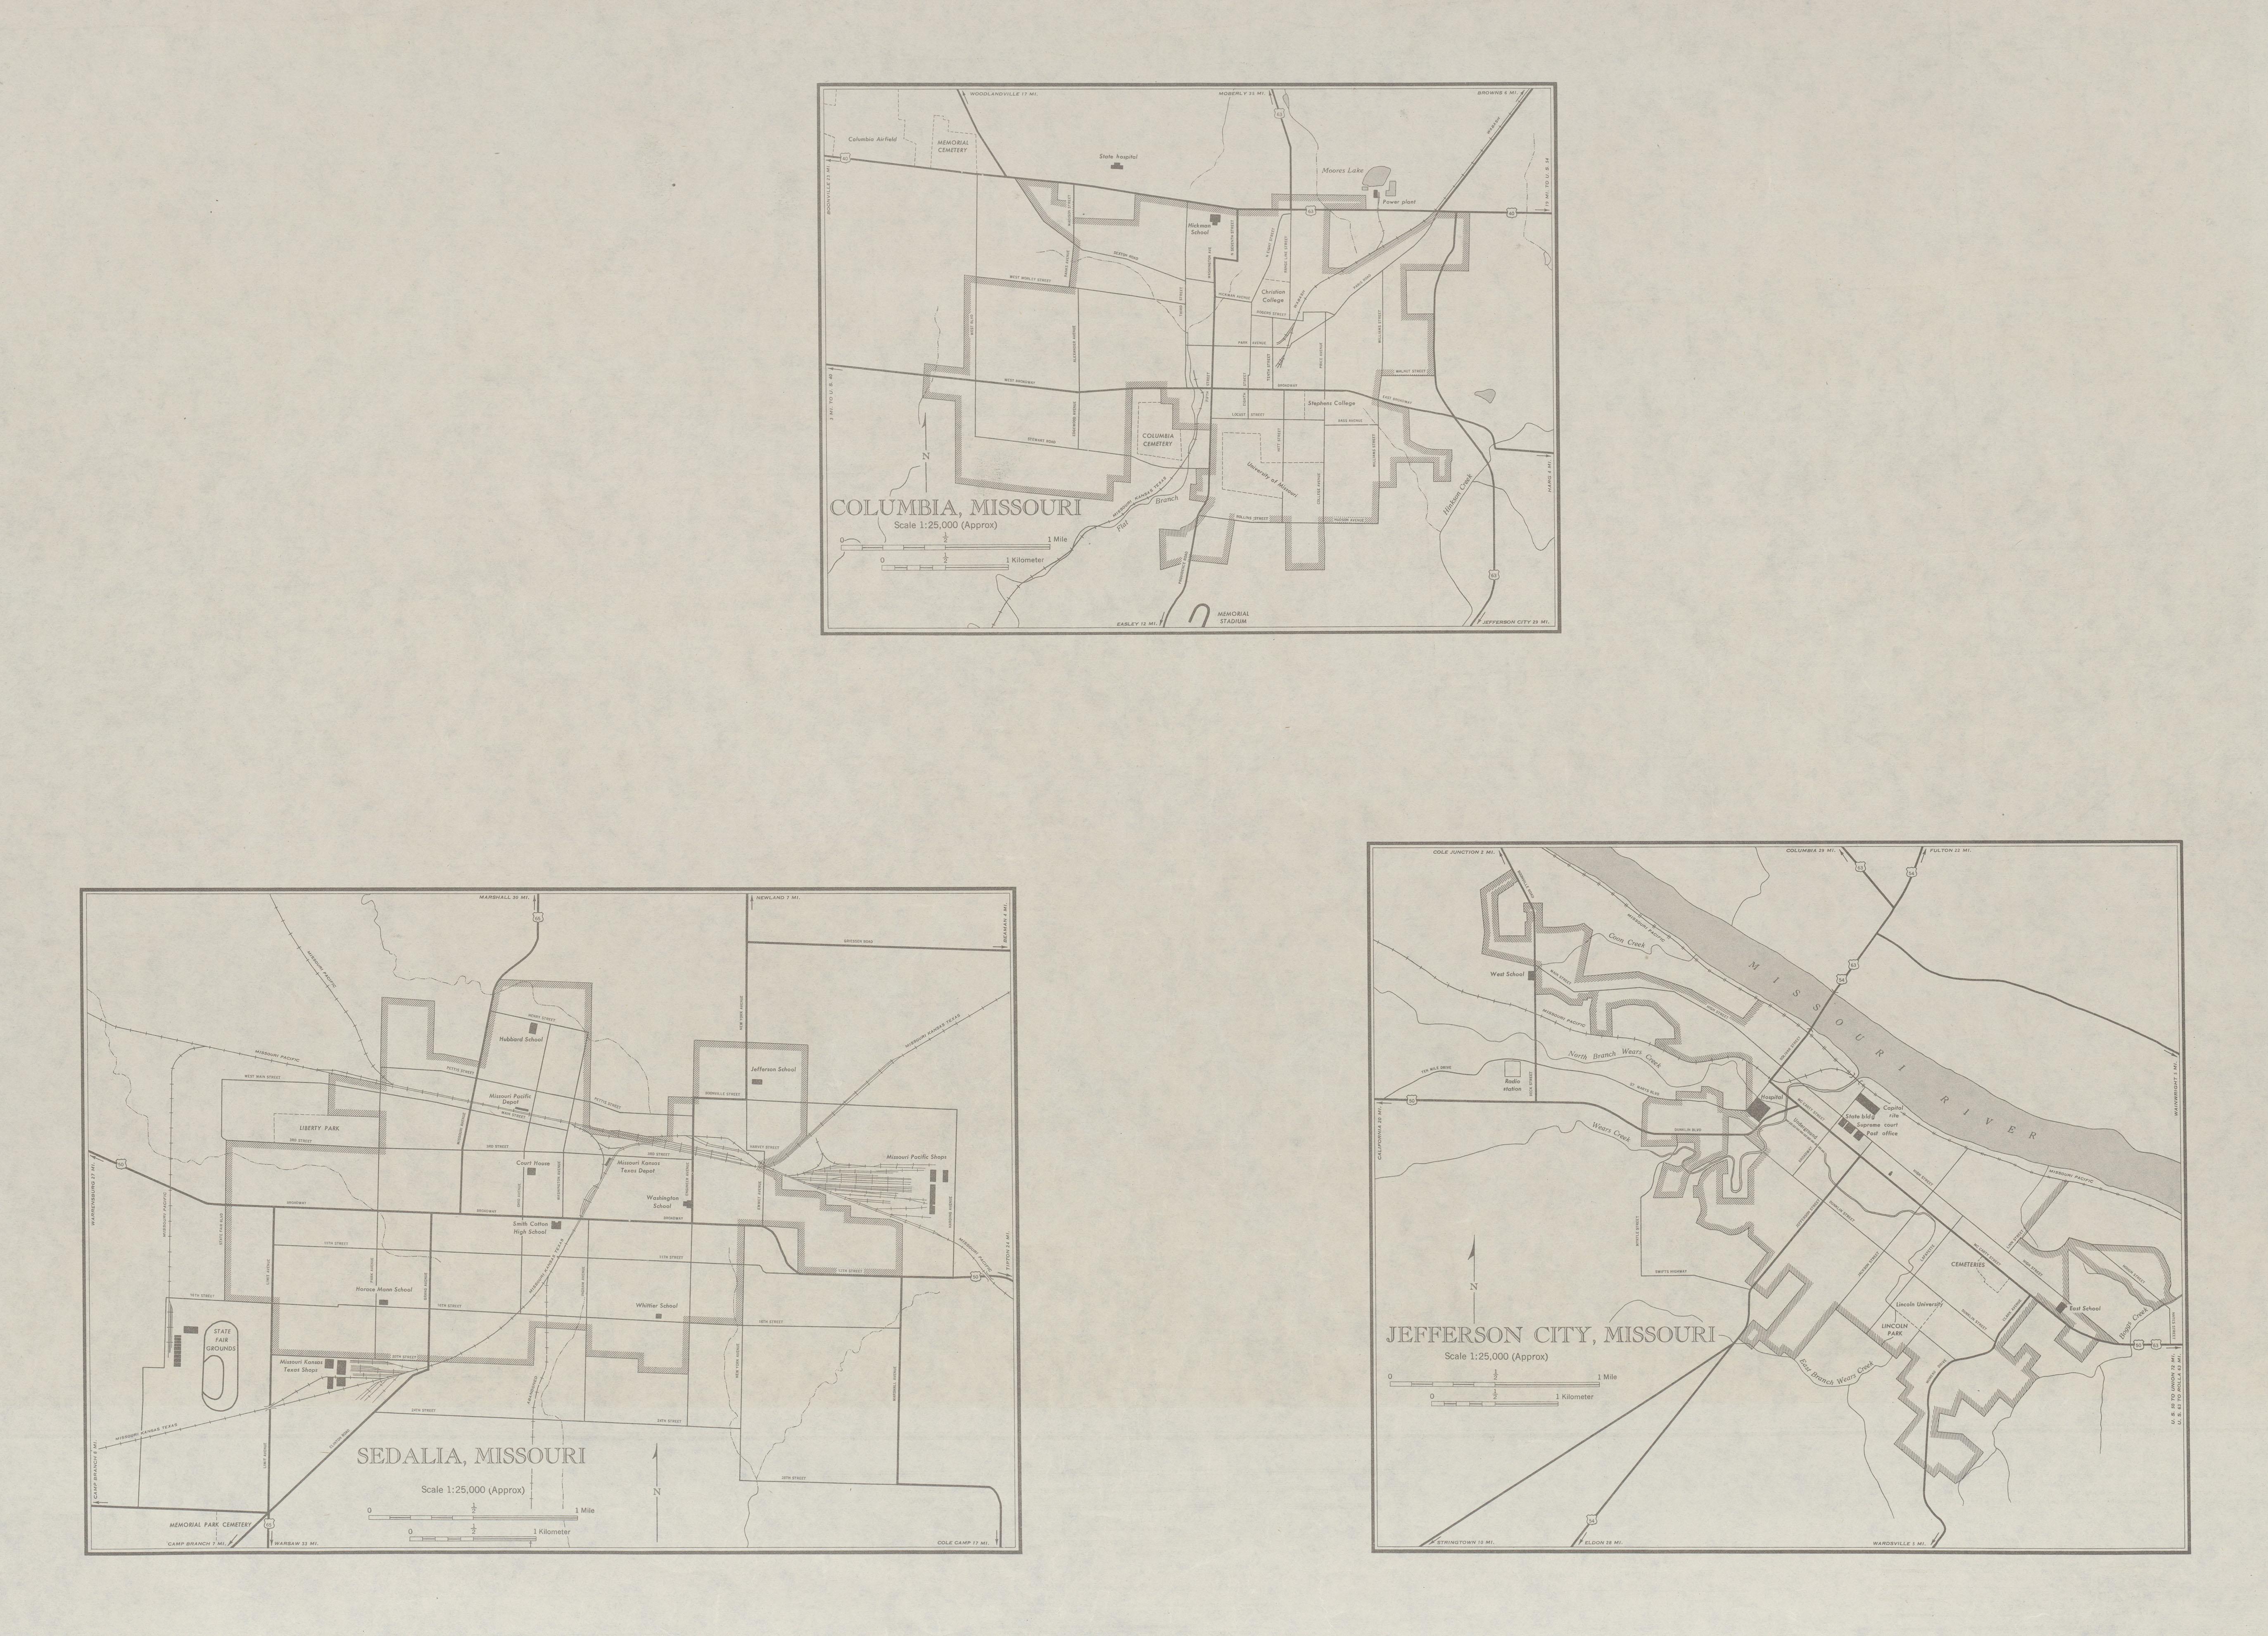 Mapa de las Ciudades de Columbia, Sedalia, Jefferson City, Missouri, Estados Unidos 1947